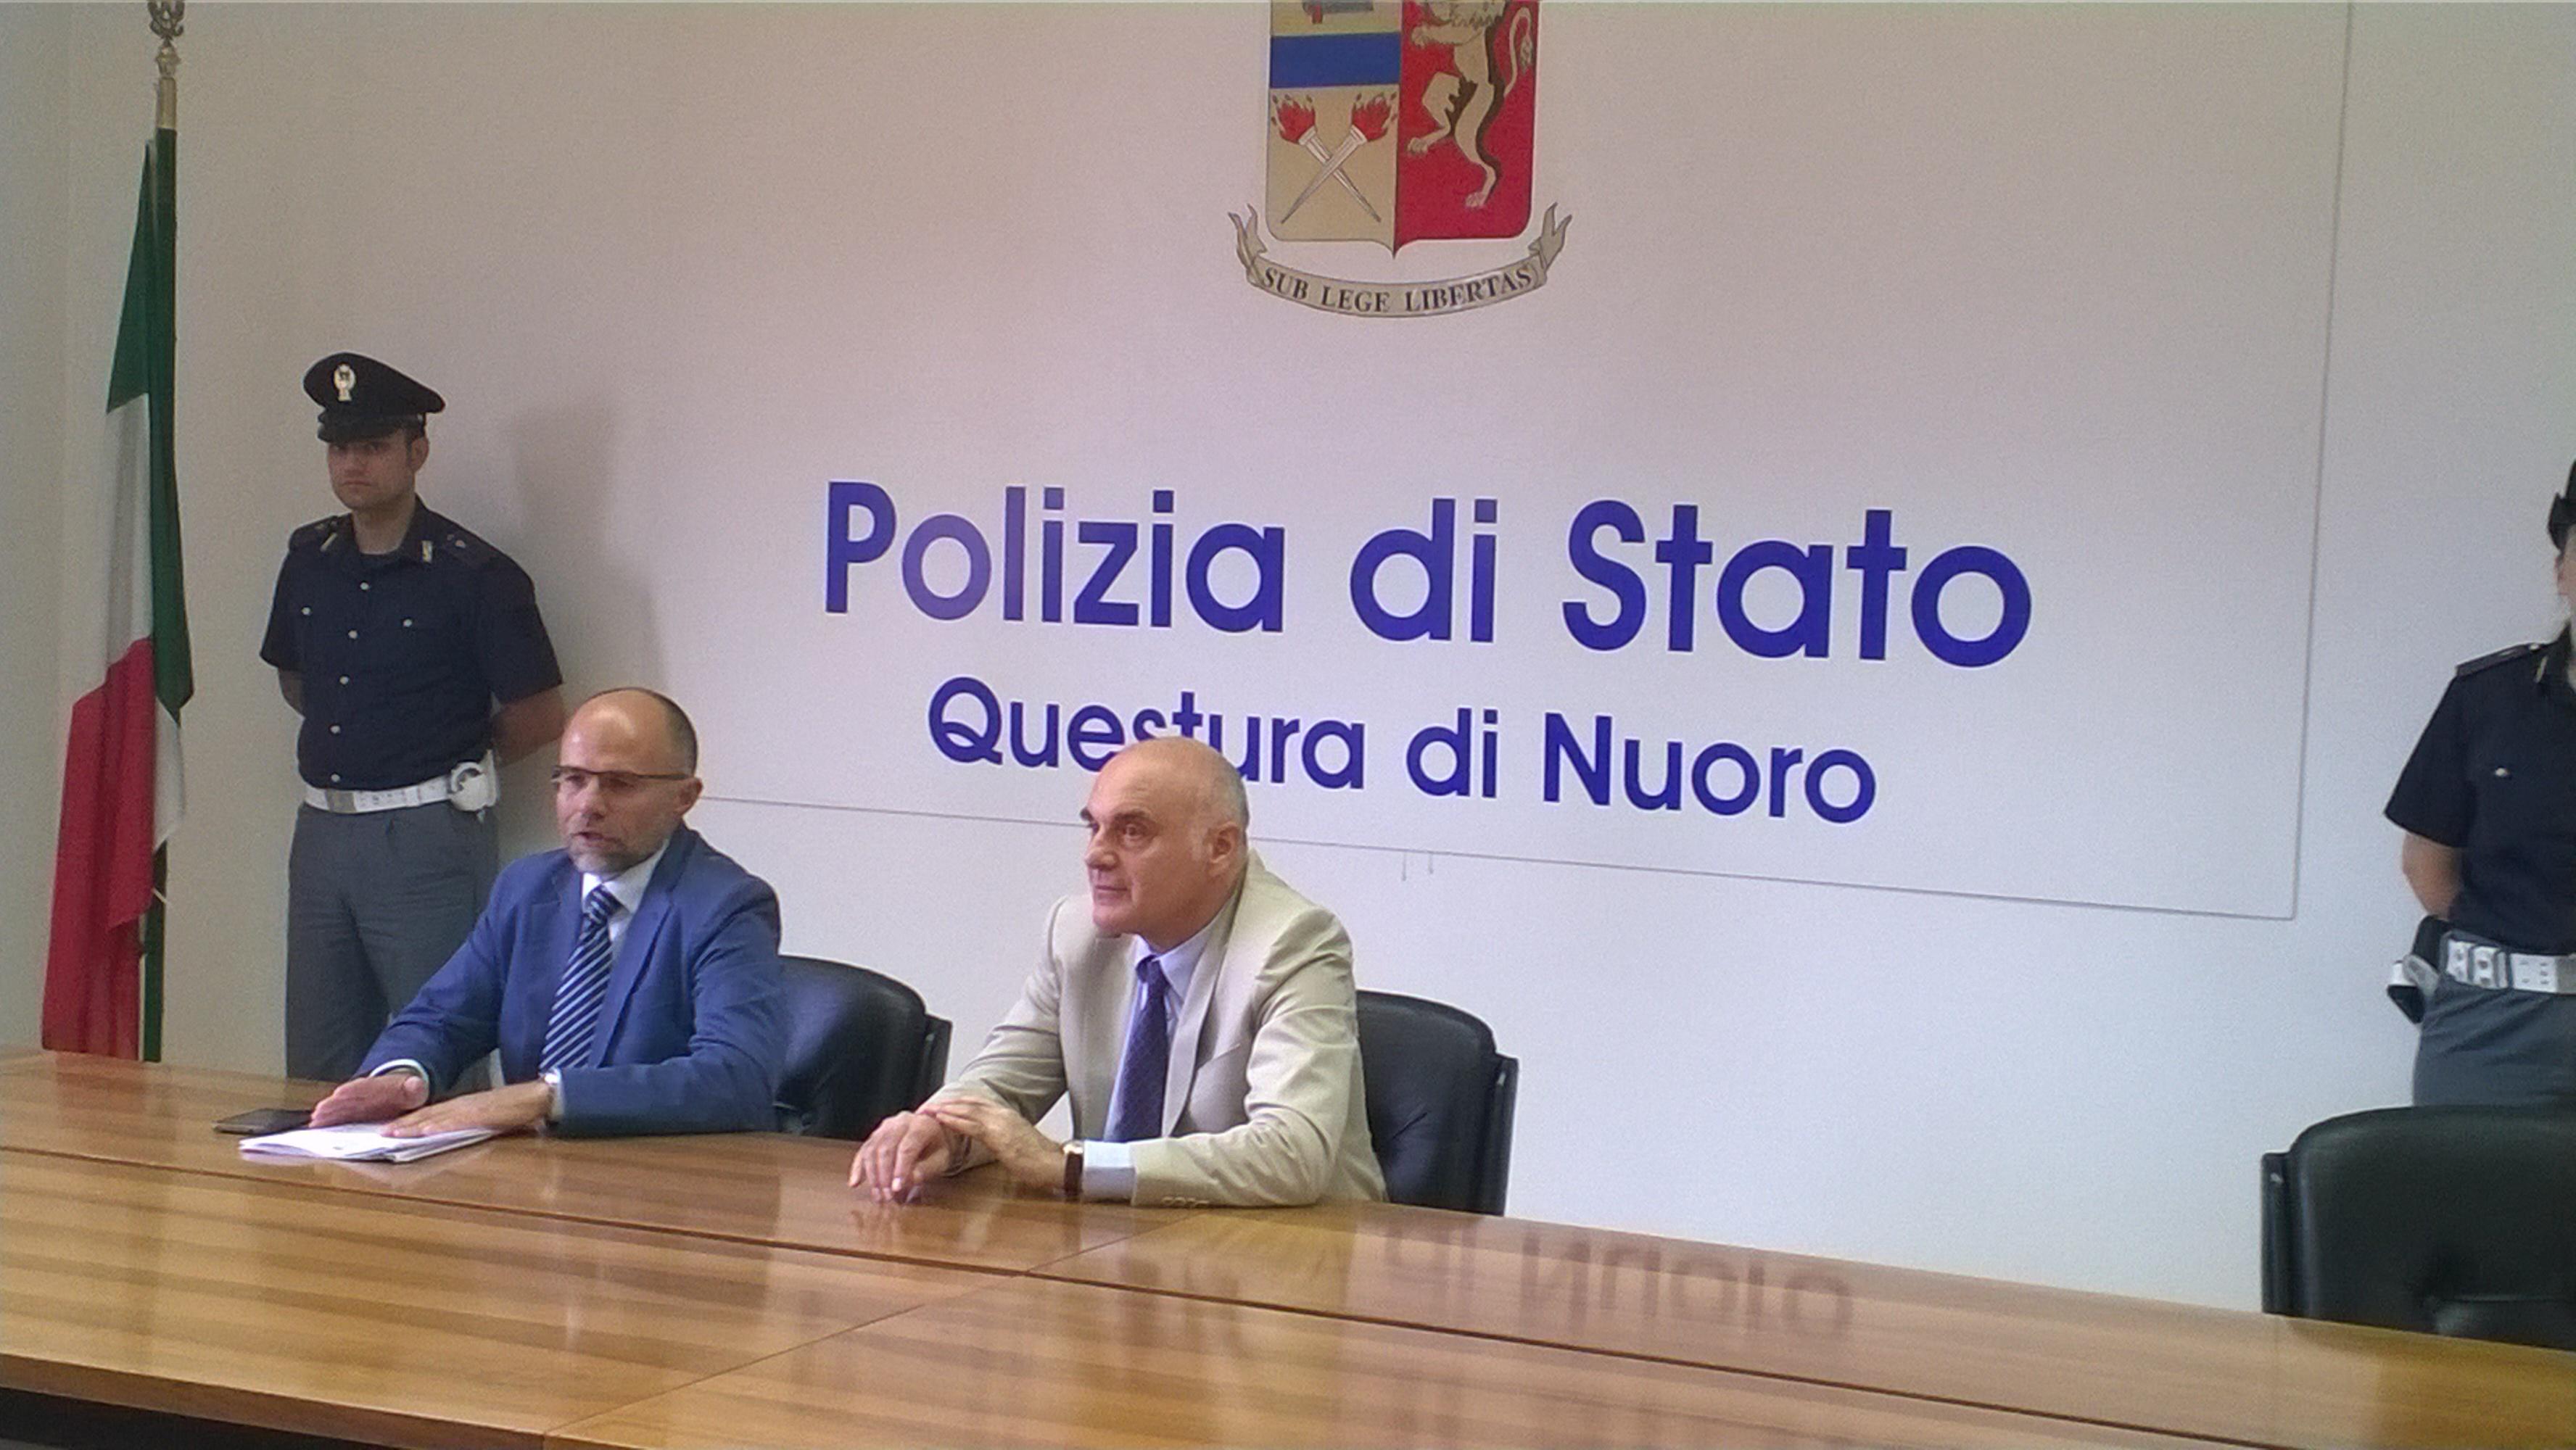 Polizia di stato questure sul web nuoro for Polizia di permesso di soggiorno